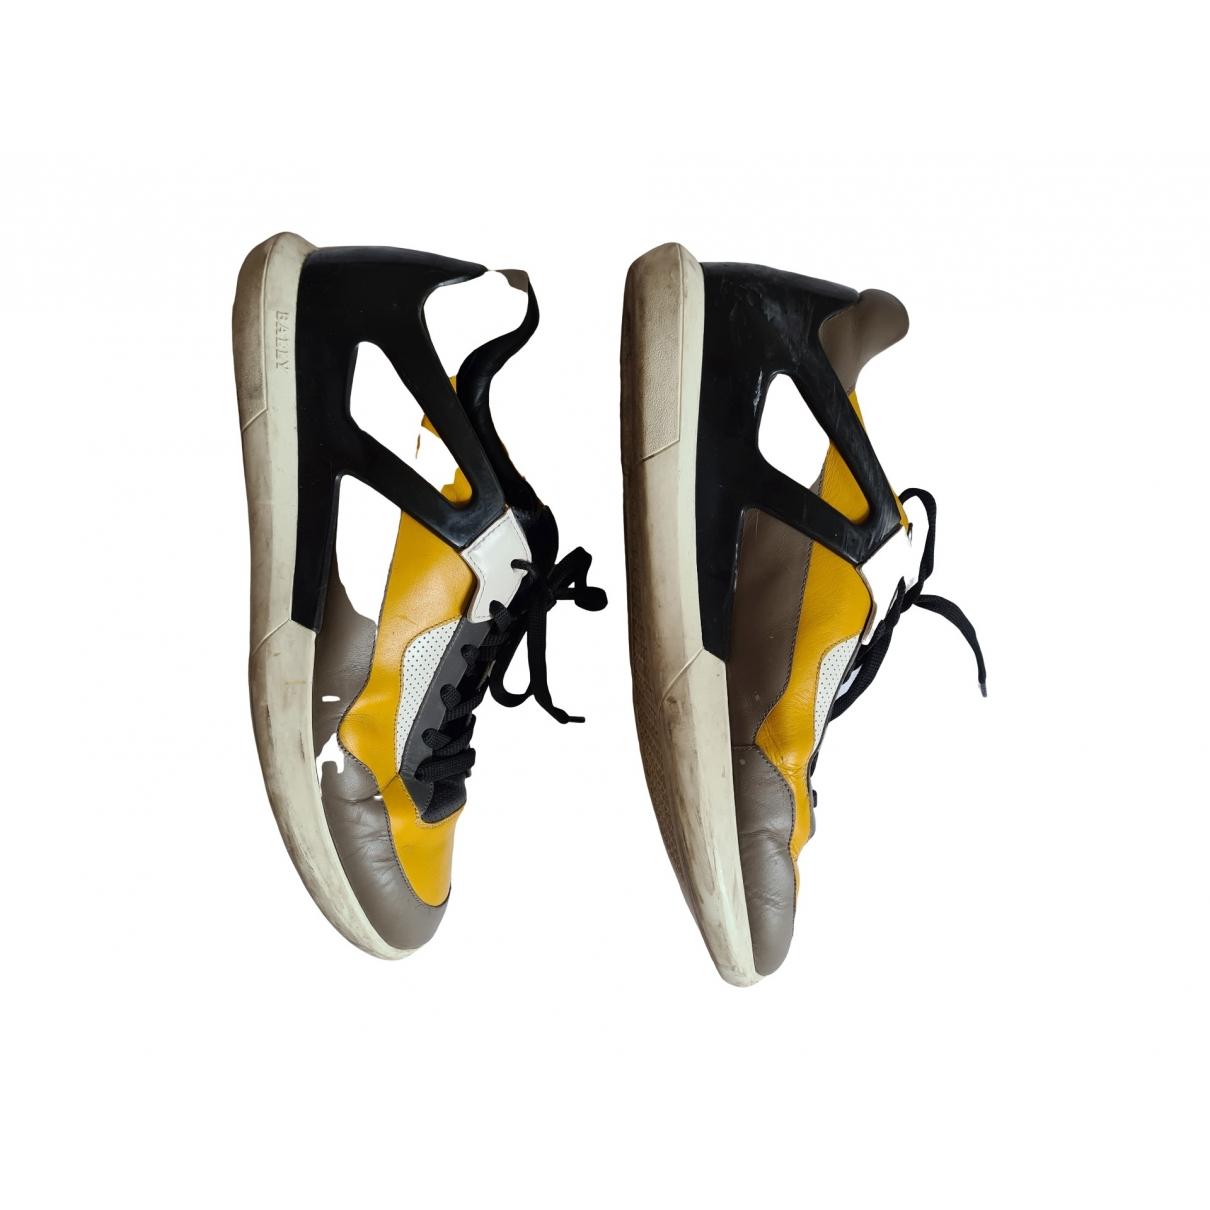 Bally - Baskets   pour homme en cuir - jaune